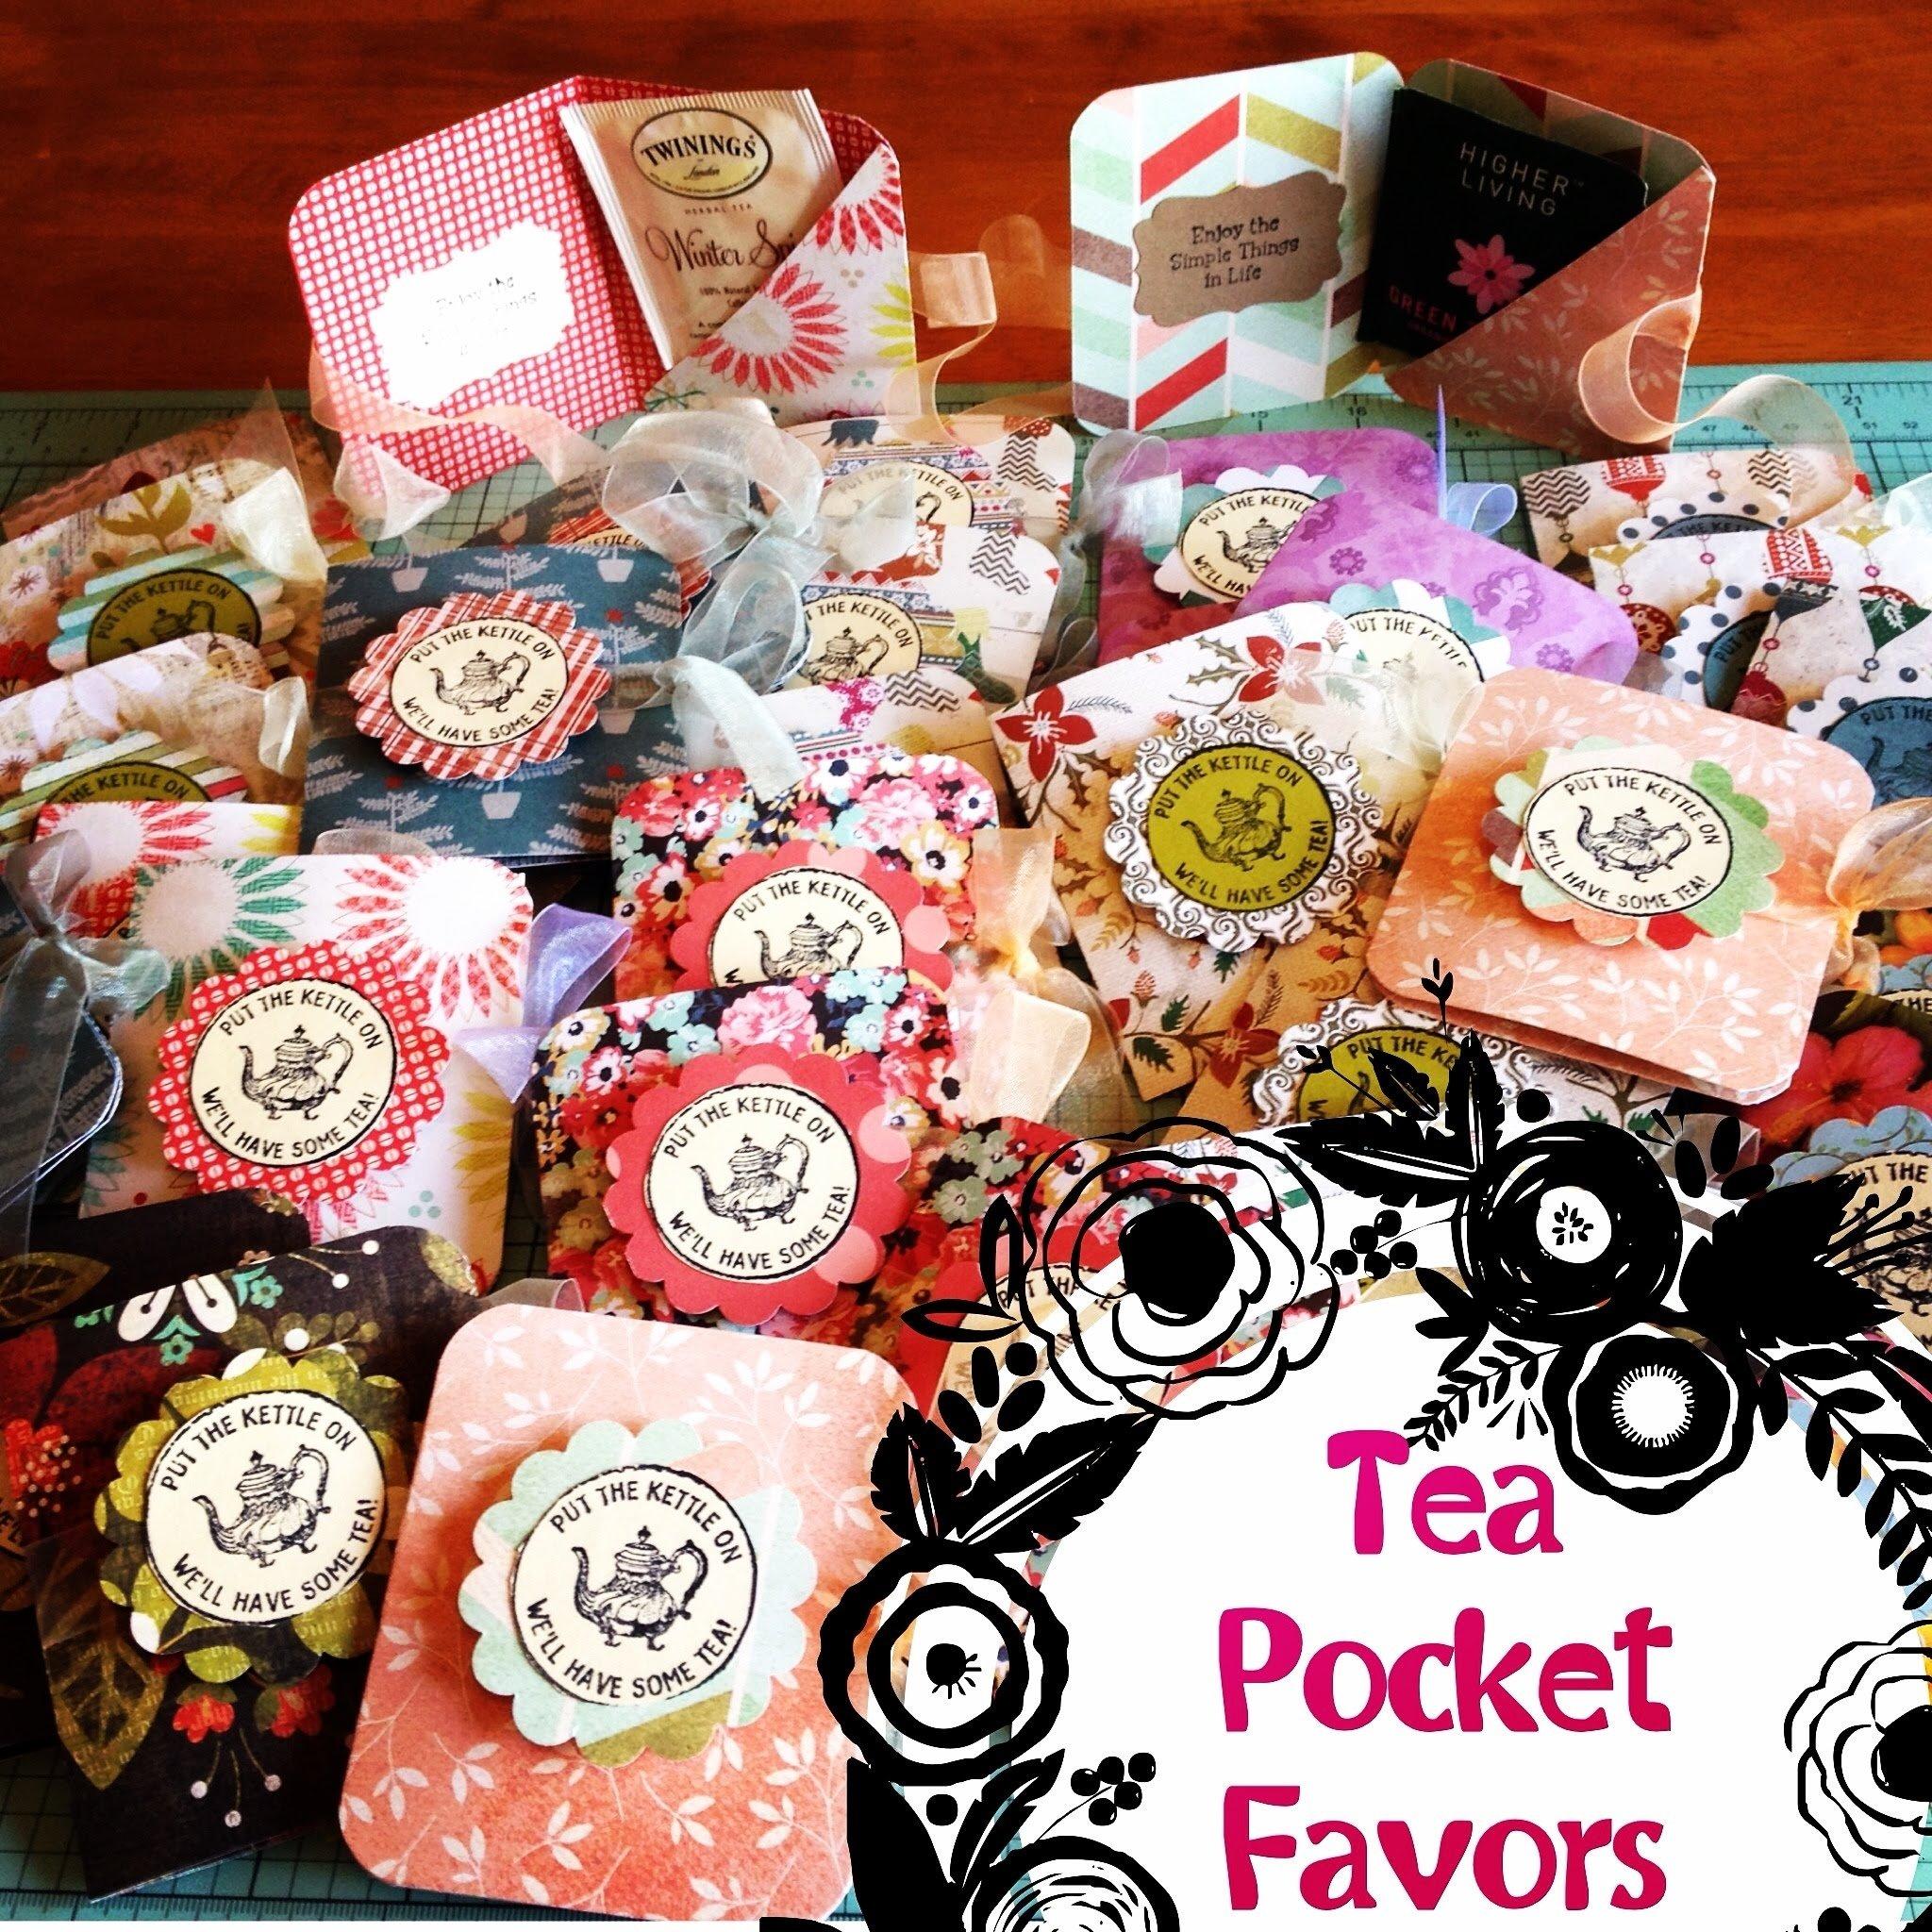 10 Great Craft Fair Ideas To Sell craft fair idea 7 tea pocket favors 2015 youtube 2020